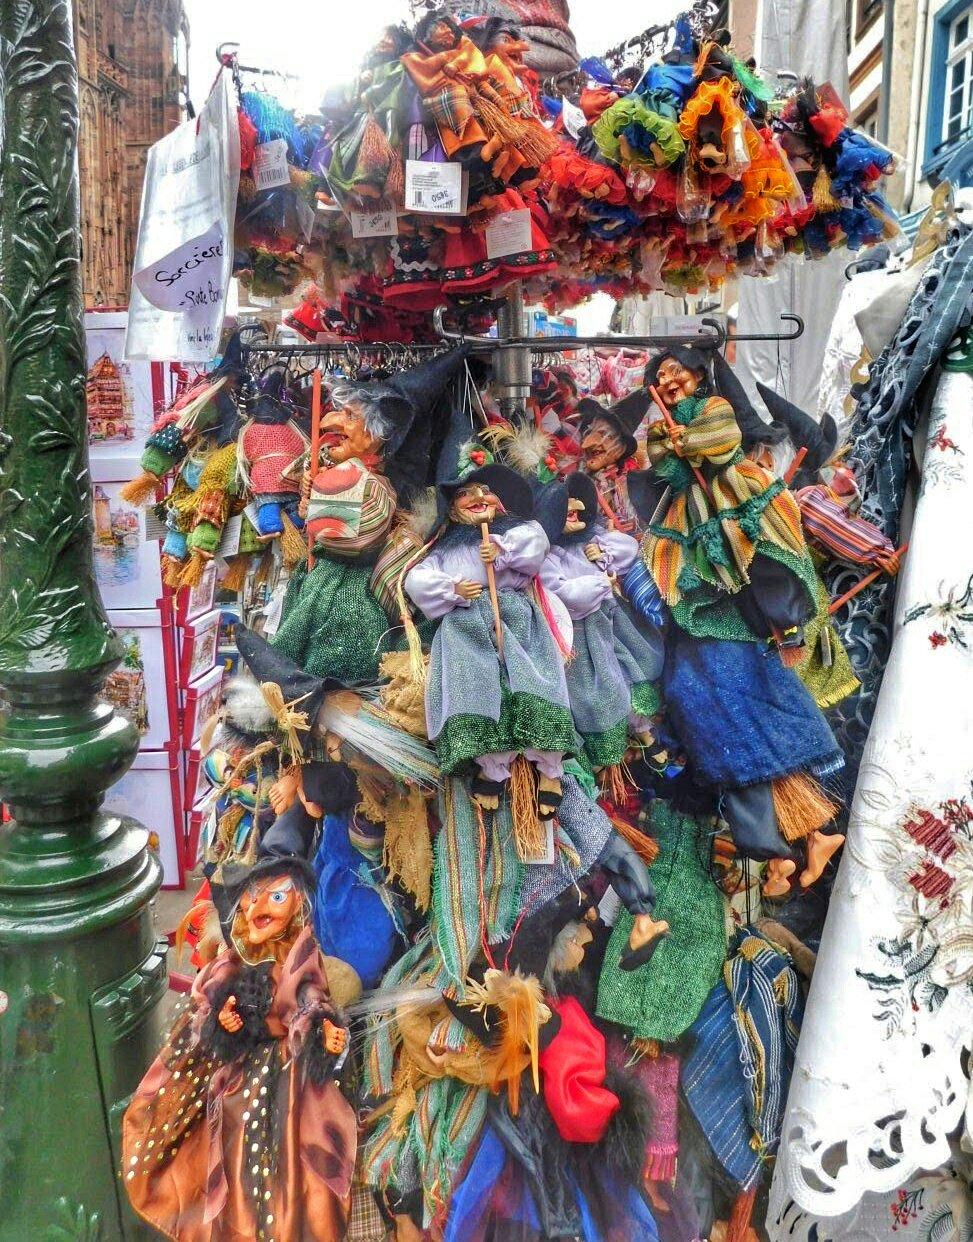 Market at Place de la Cathedral - Strasbourg, France